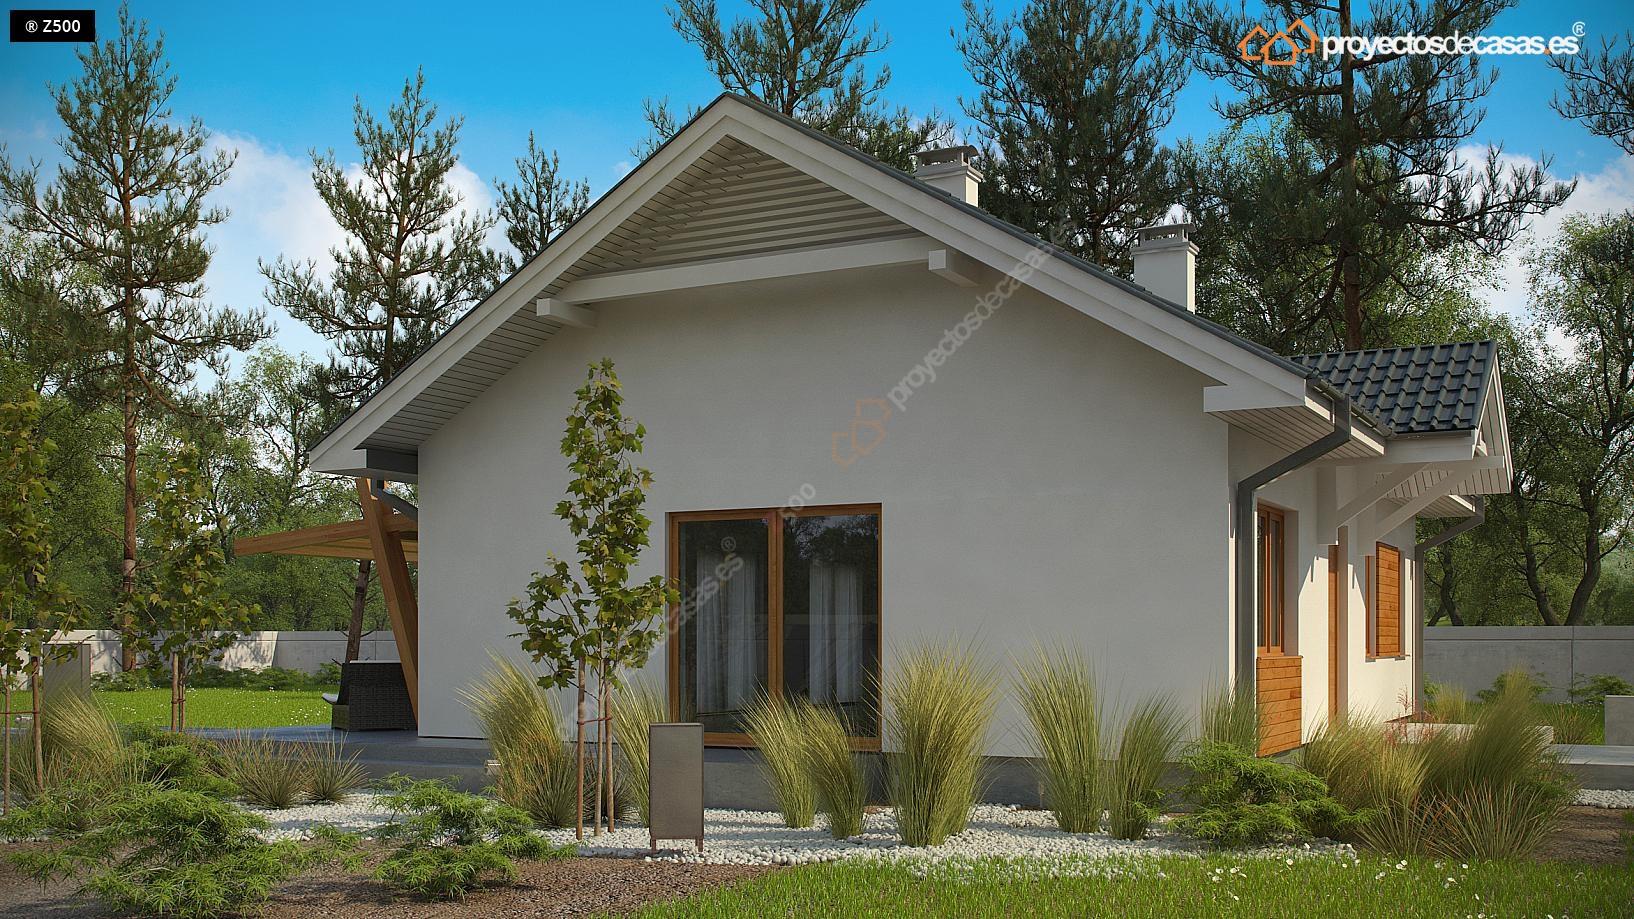 Proyectos de casas casa tradicional proyectosdecasas - Casas de madera pequenas ...